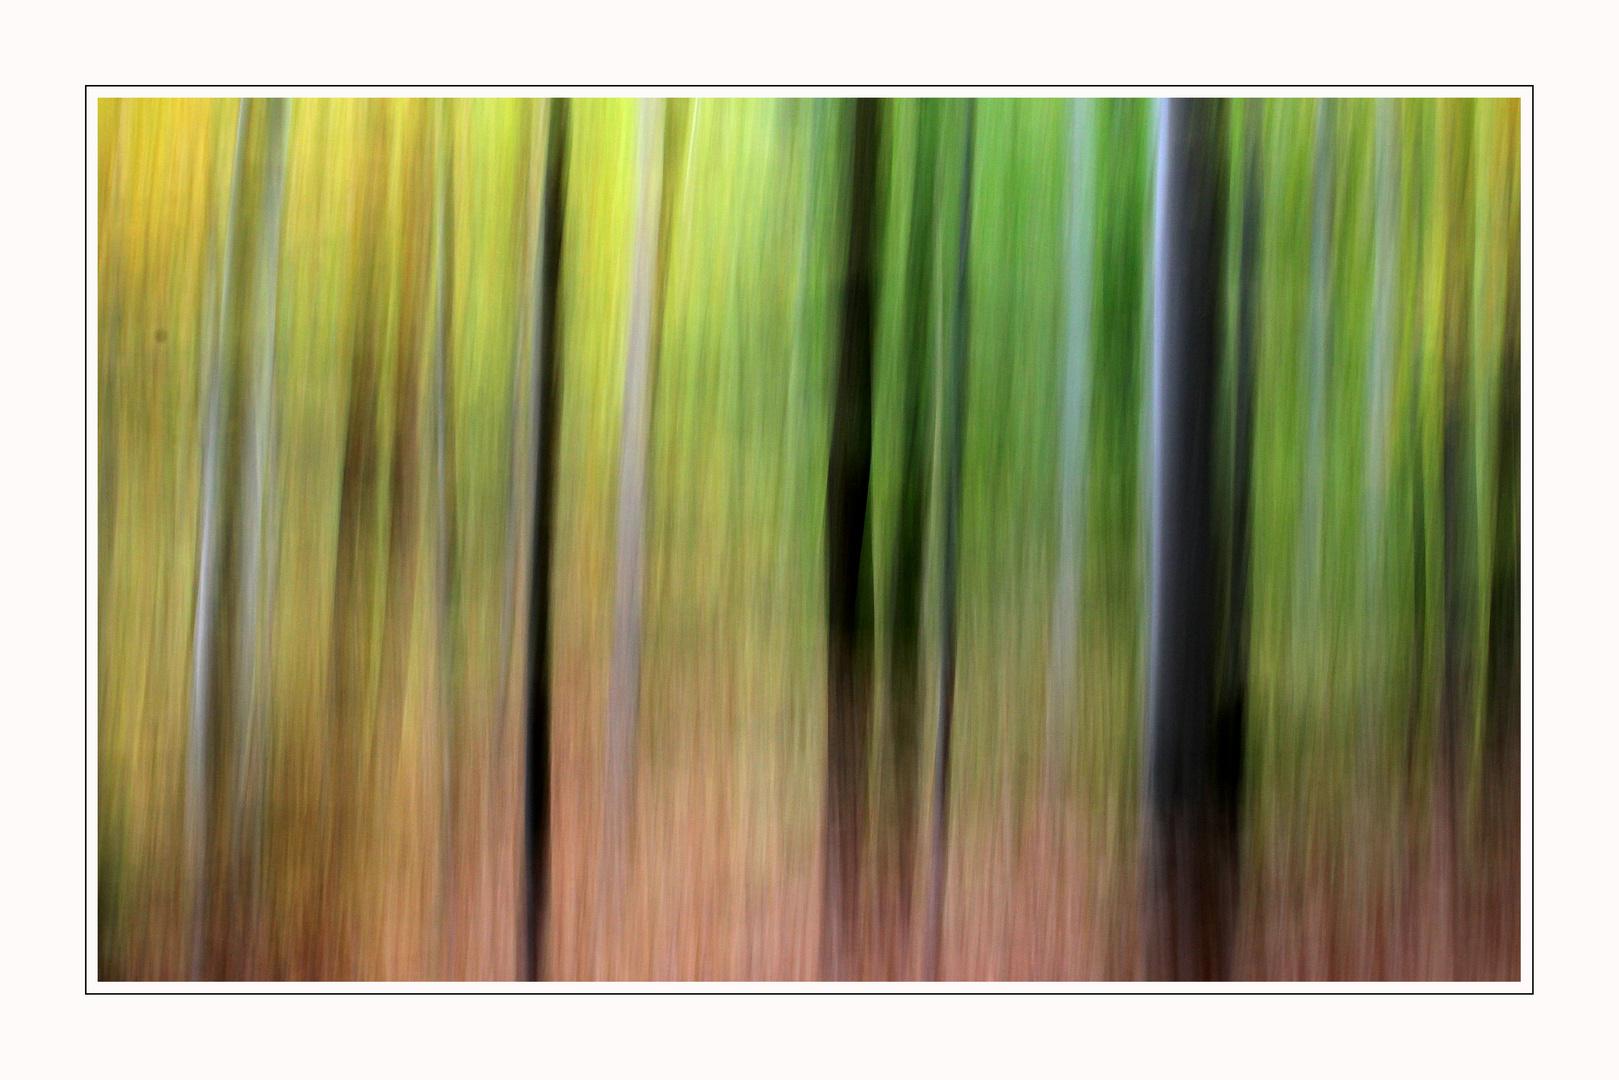 Herbstwald 1